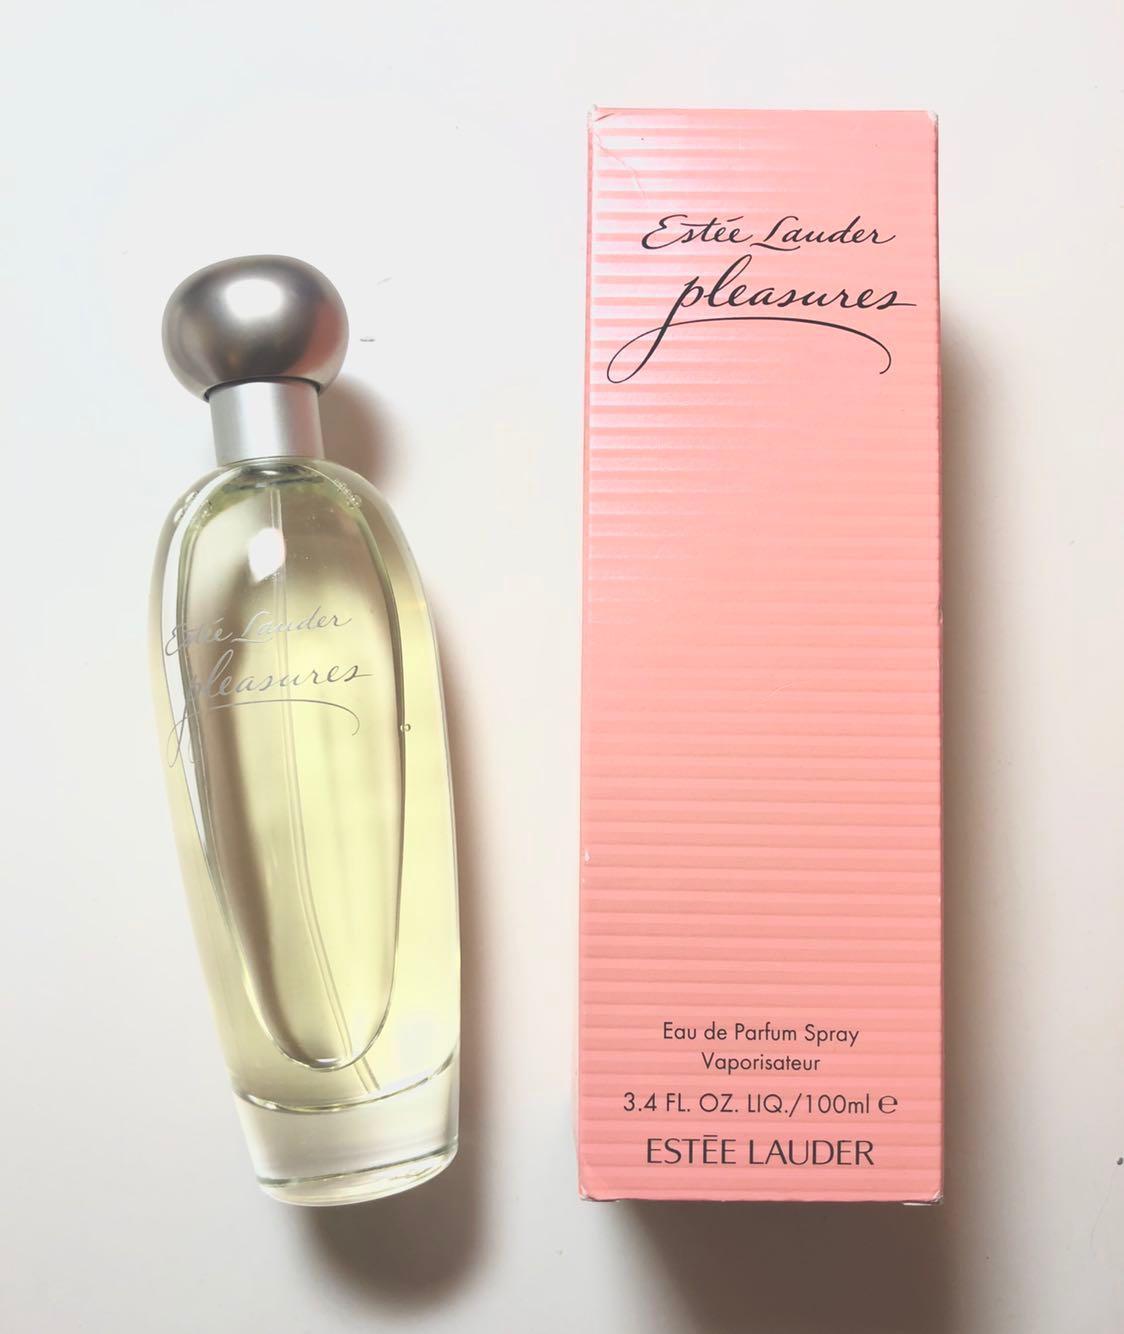 [超香!] Estée Lauder pleasures 香水 100ml